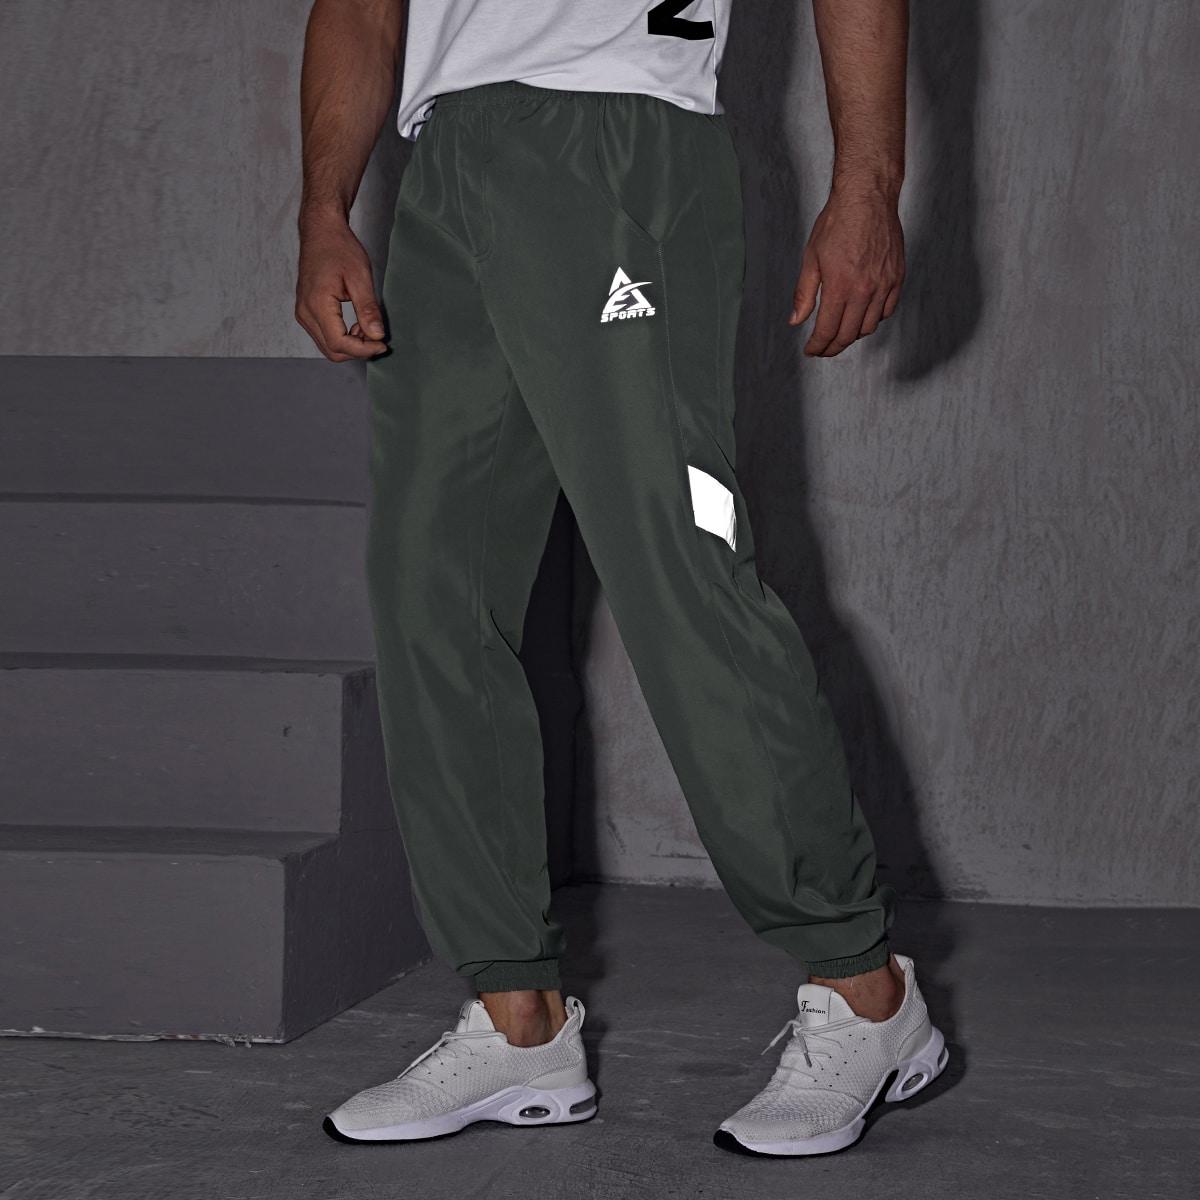 Мужские спортивные штаны со светоотражающими буквами